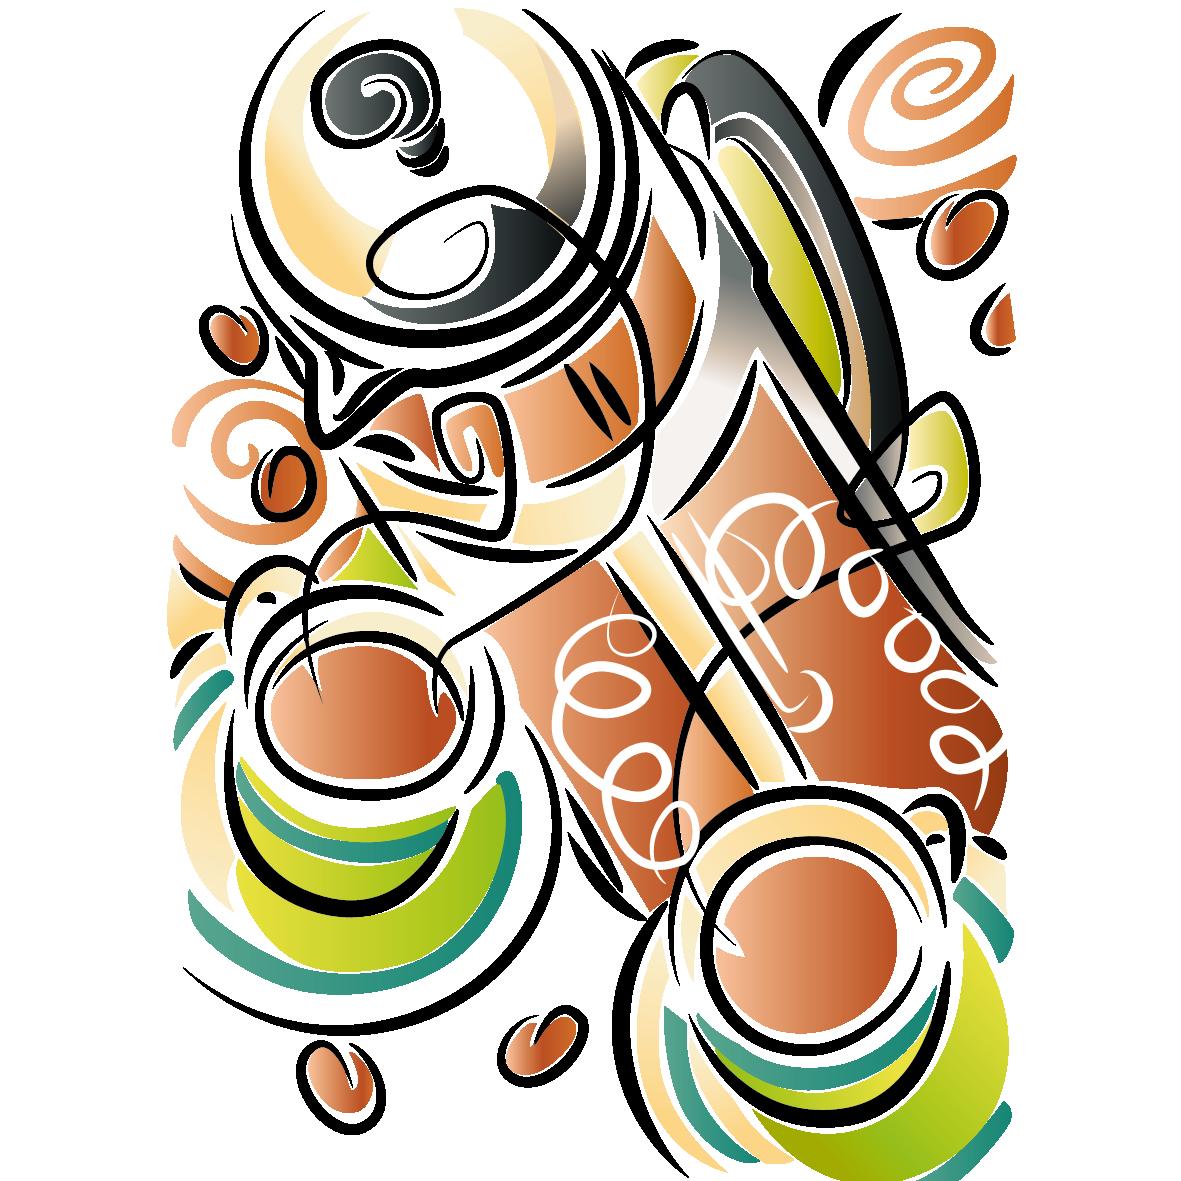 Nut clipart bean. Coffee clip art creative